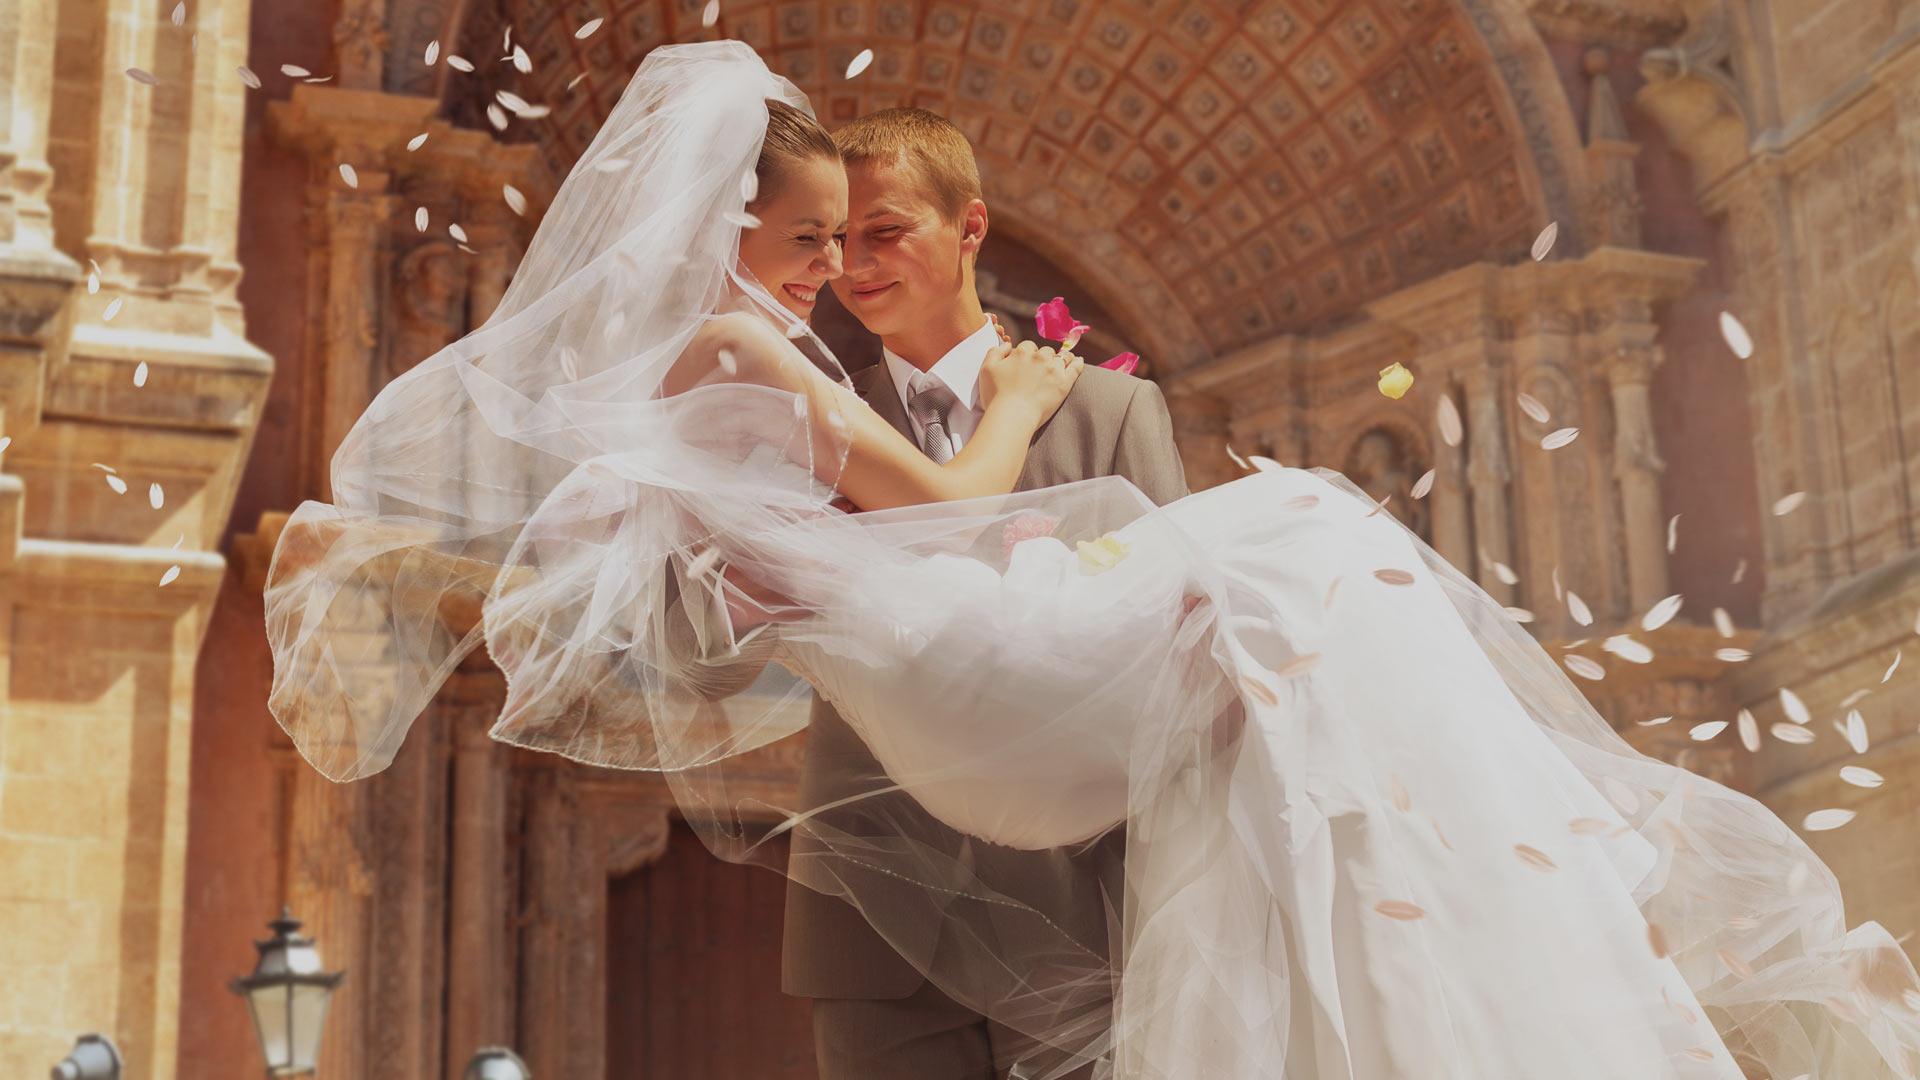 Professionelle Hochzeit Dienstleister | Profi Dienstleistungen für Hochzeit